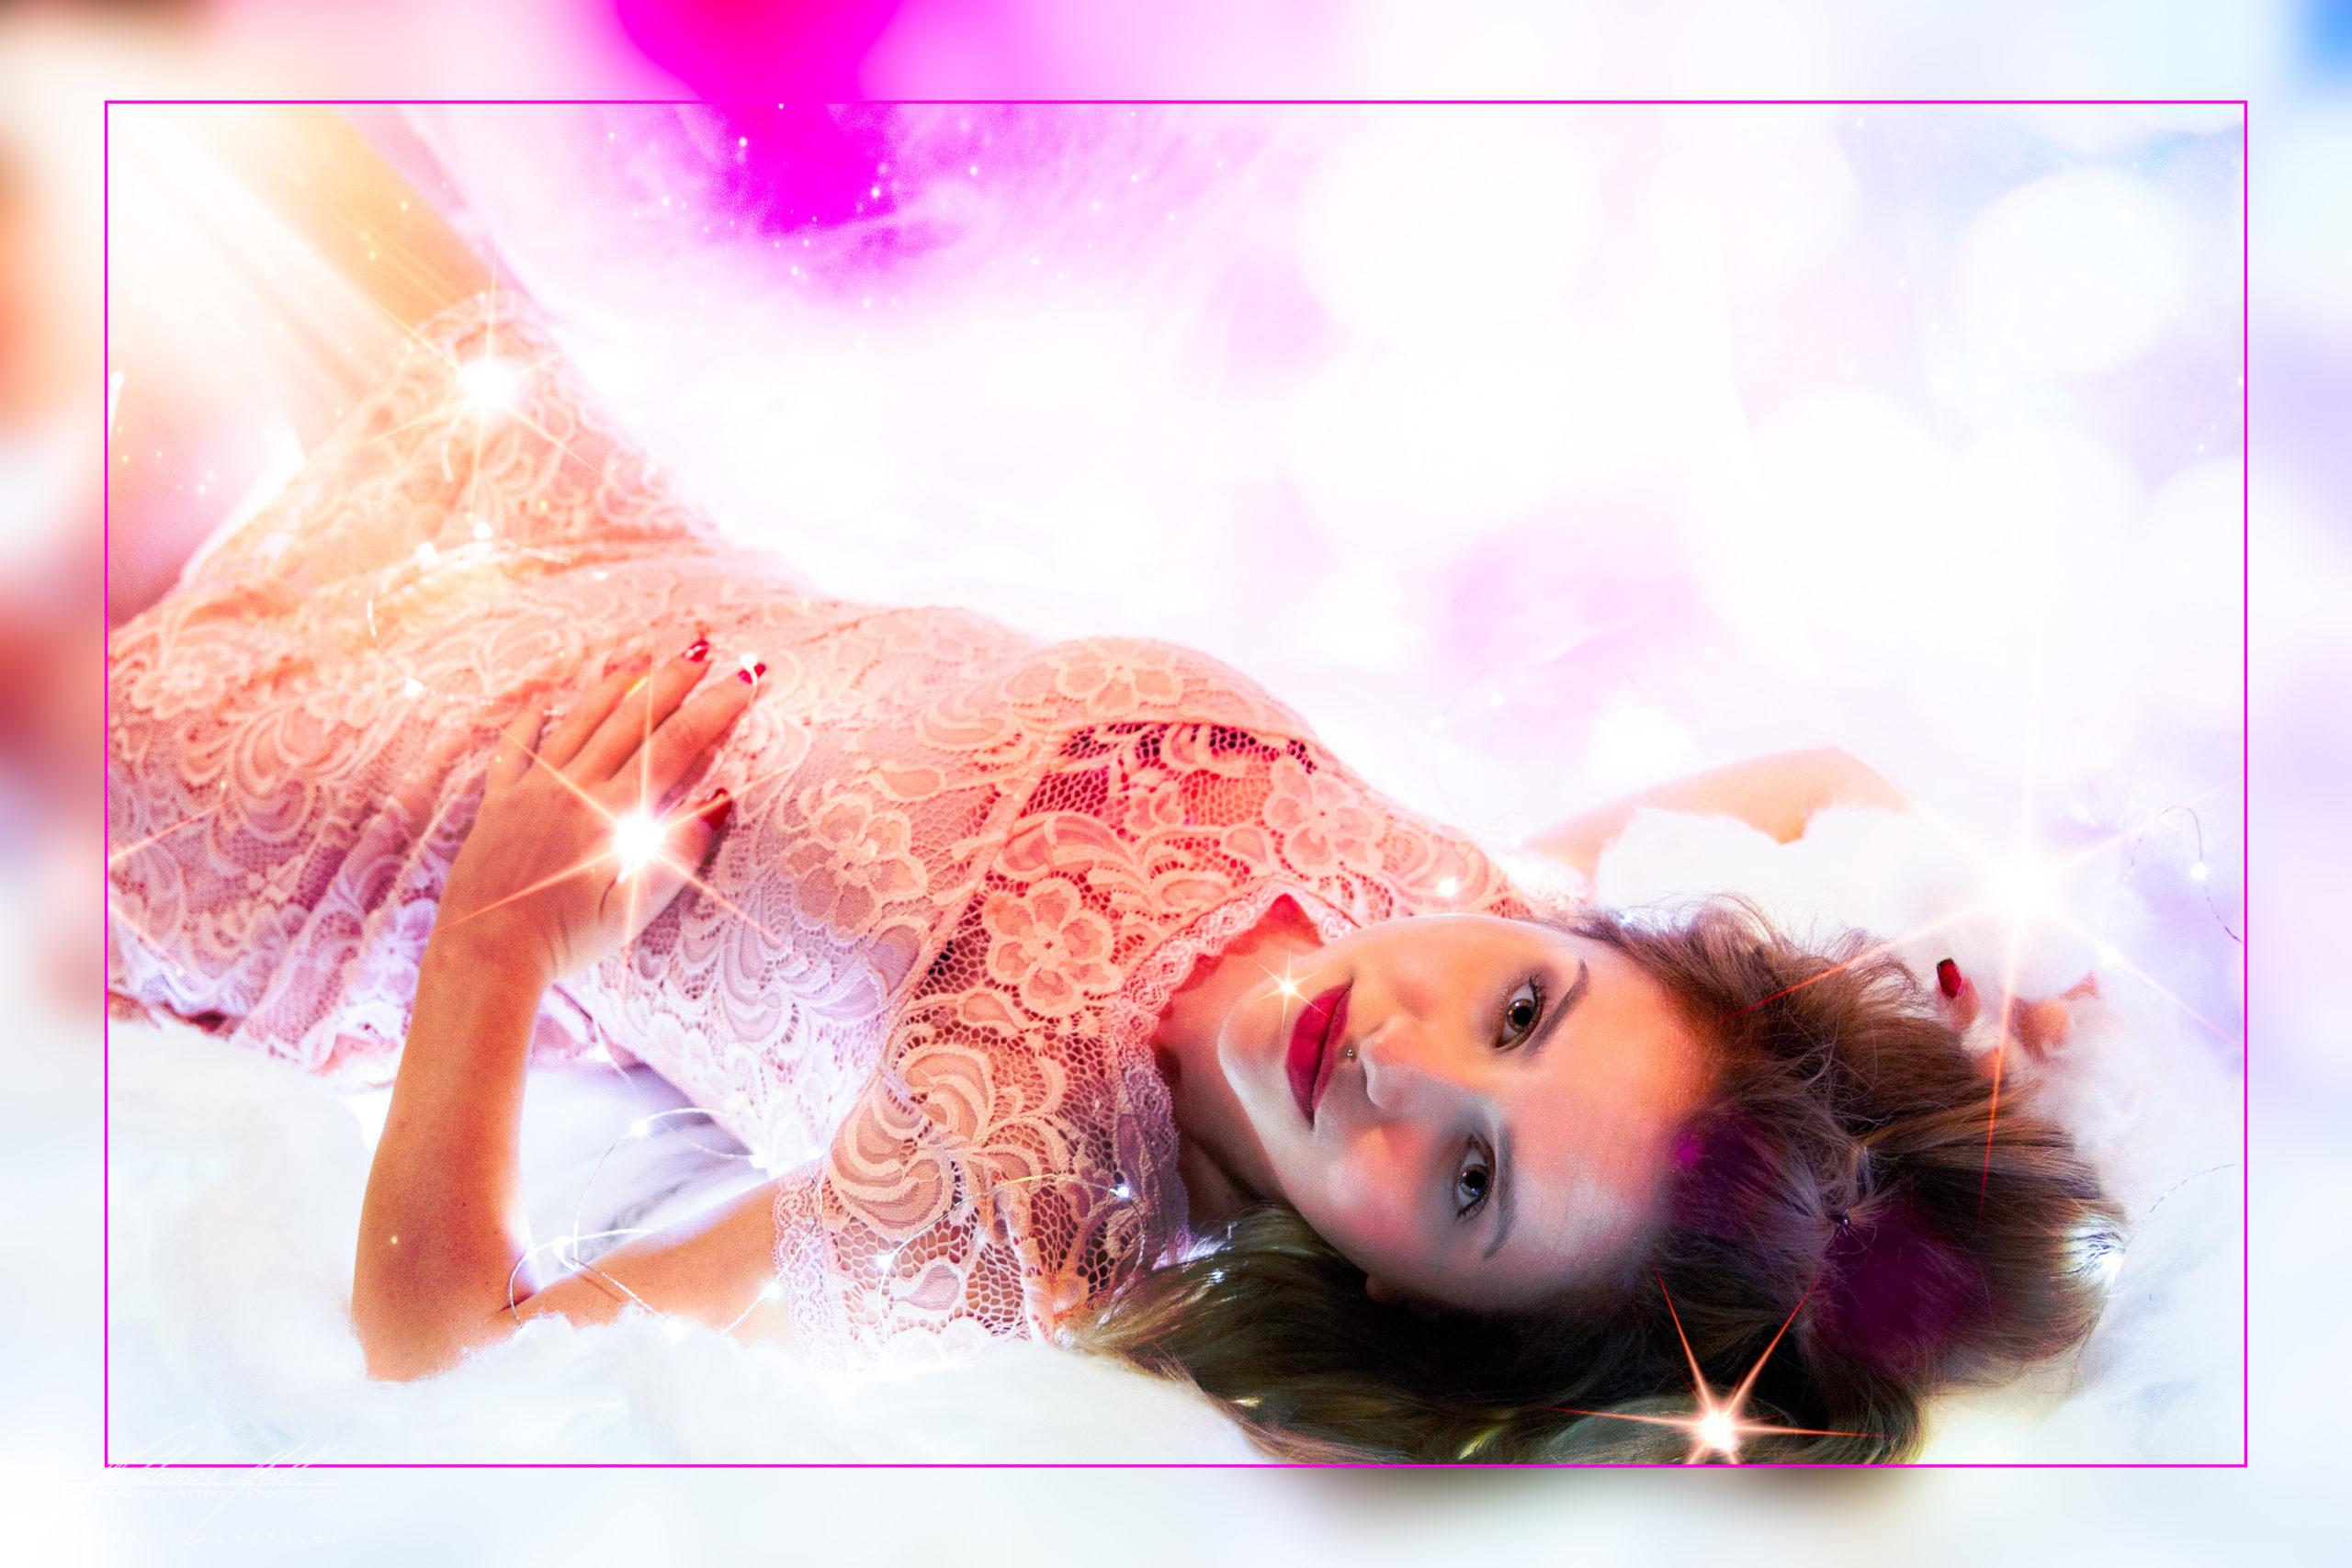 VisionsOfLight background image